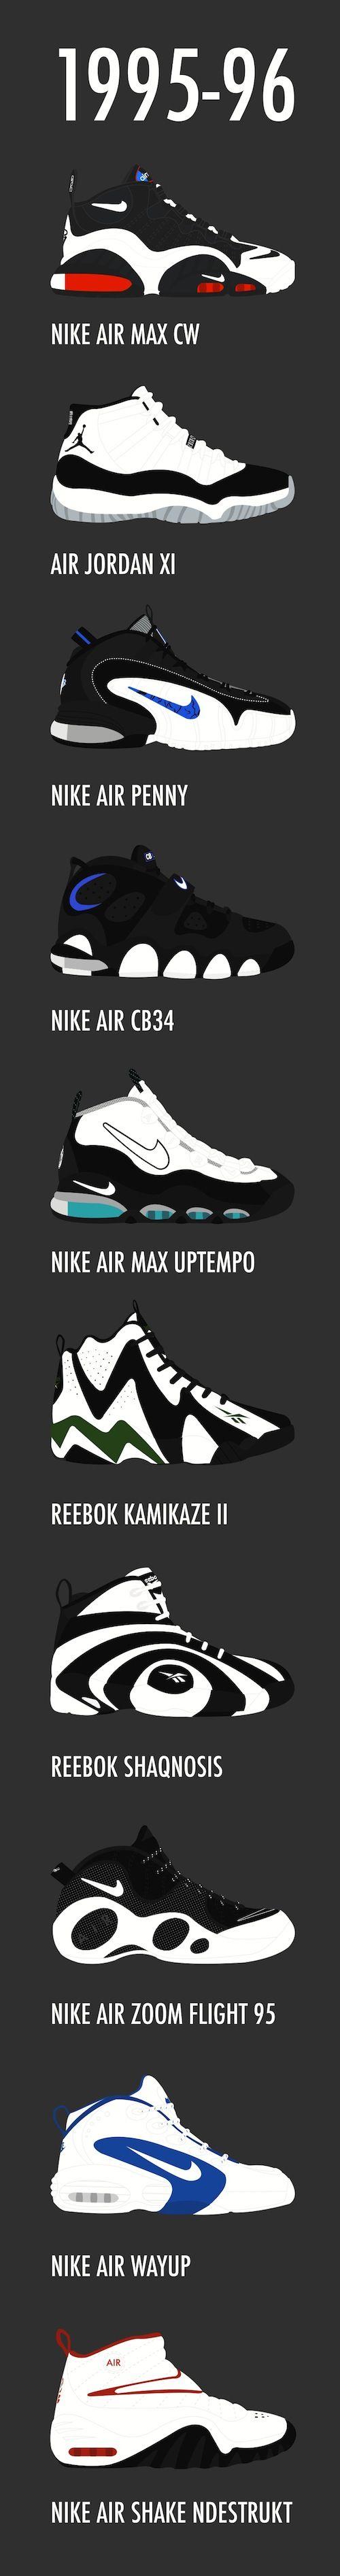 Scottie Pippen | Mis Zapas | Page 2 | shoes | Zapatillas